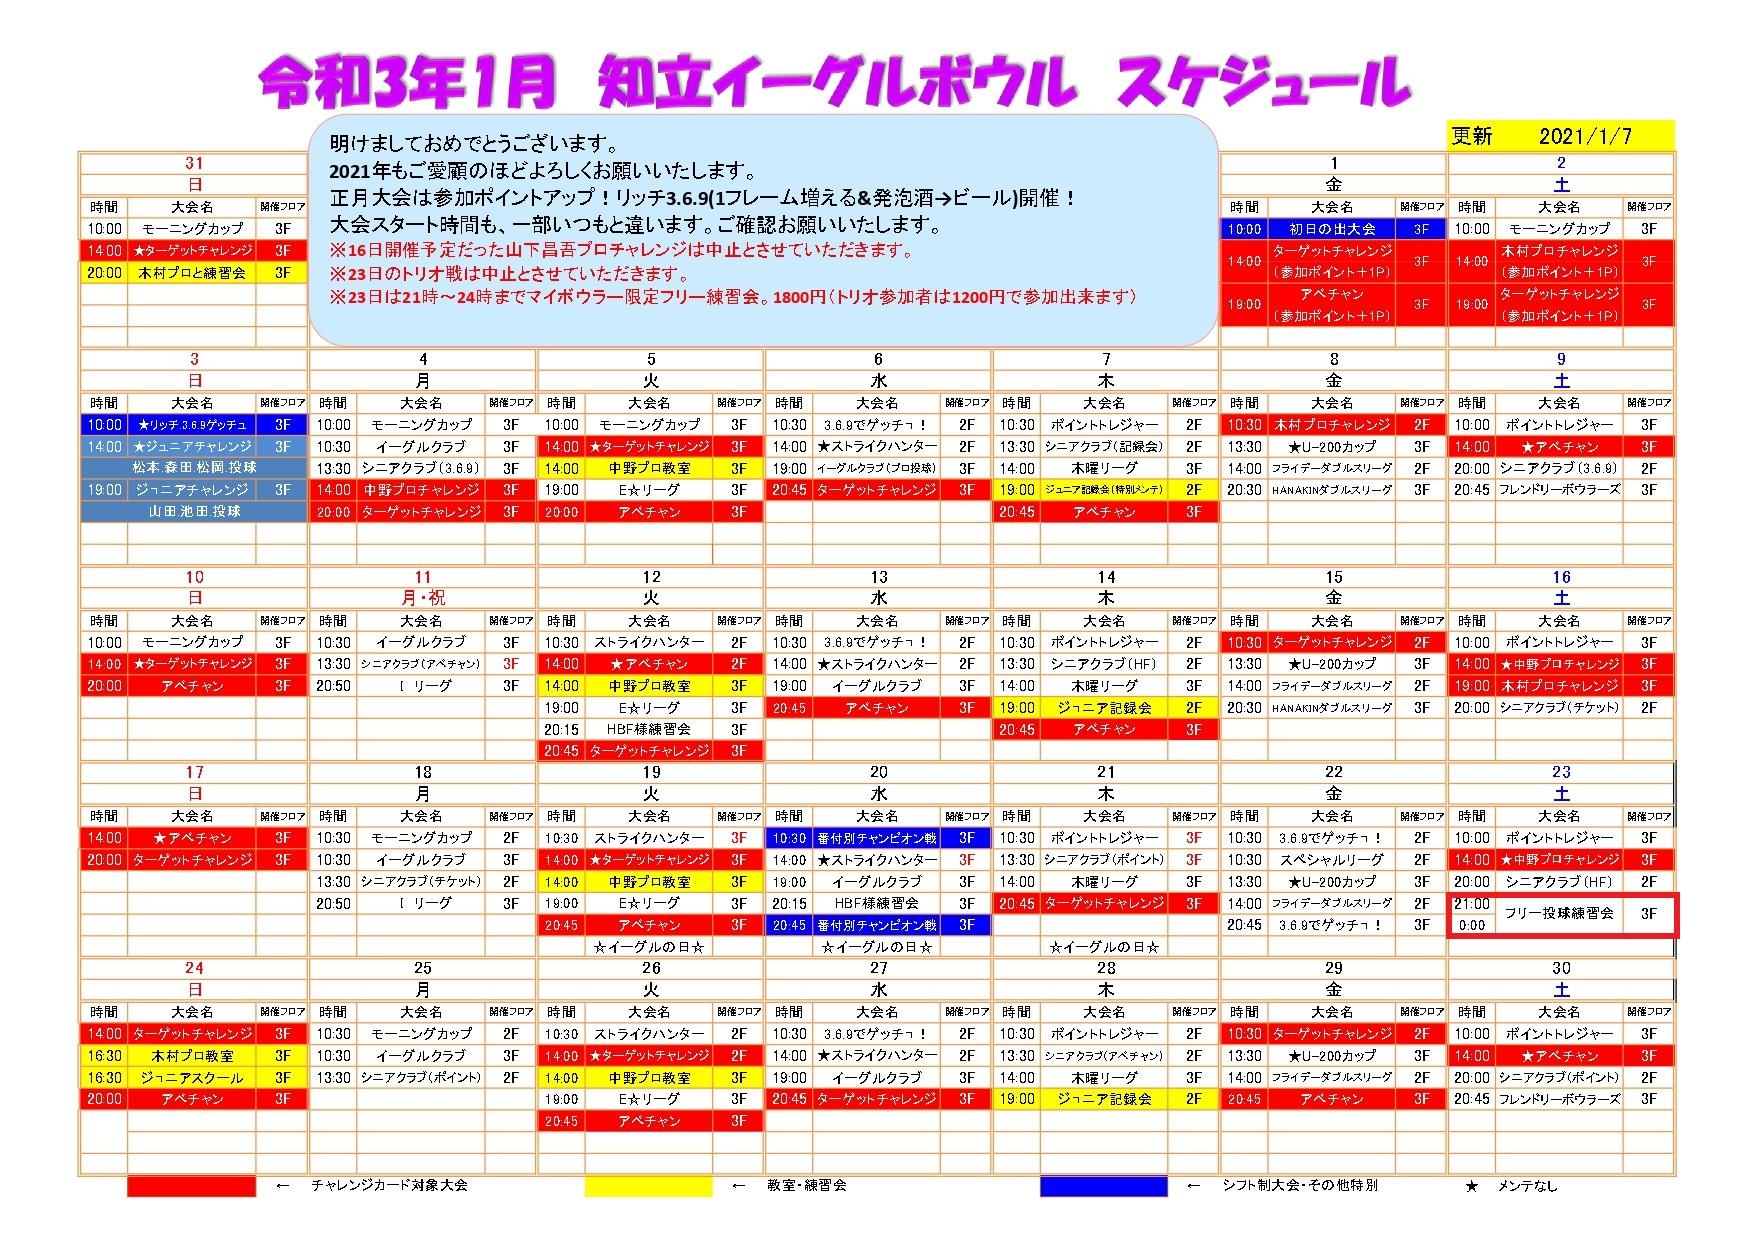 2021年1月 大会スケジュール【改訂版】